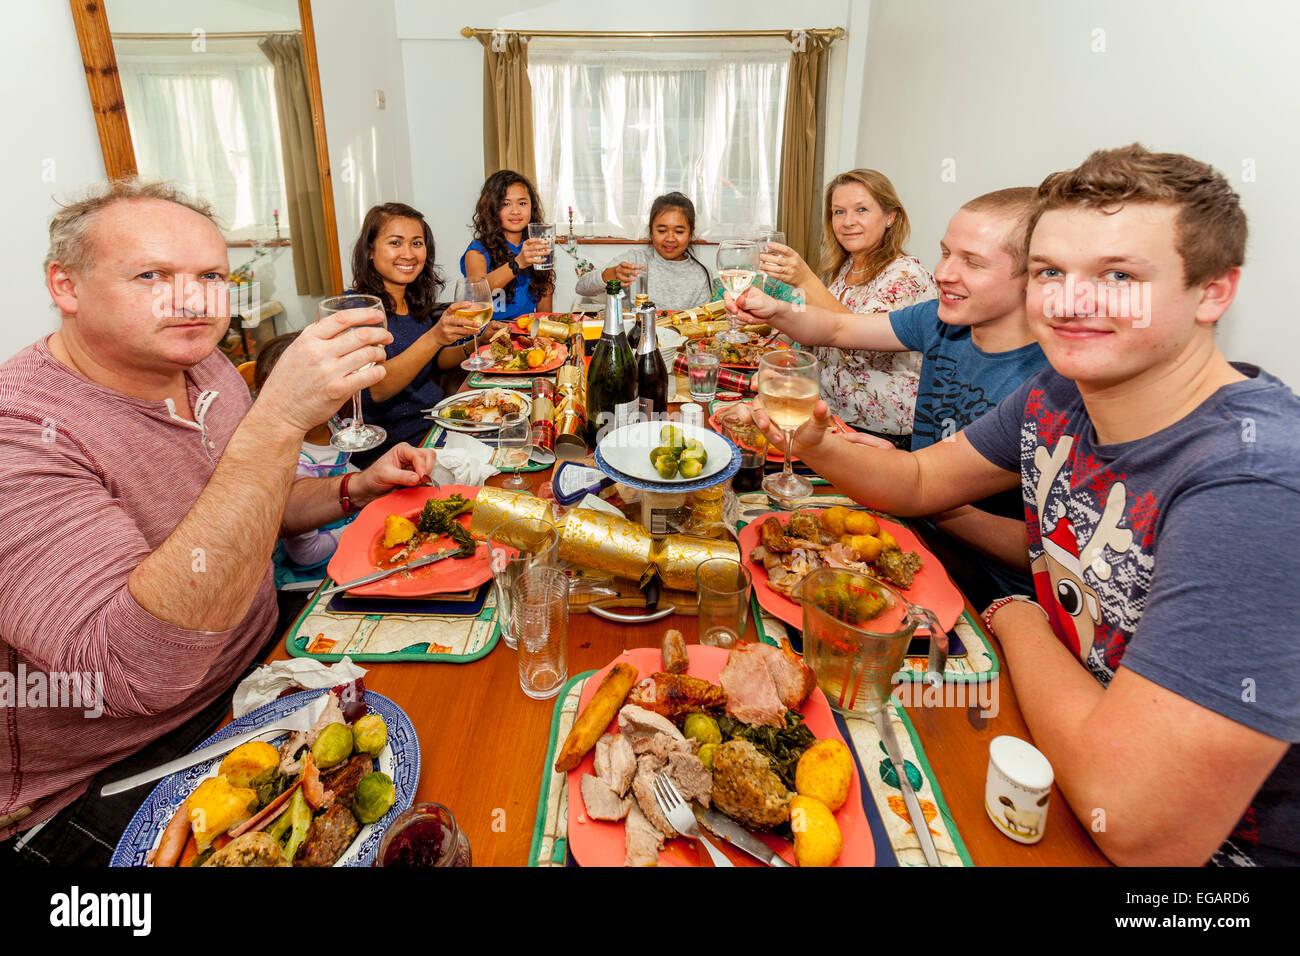 Ein gemischter Rasse Familie genießen Weihnachten Mittagessen, Sussex, England Stockbild